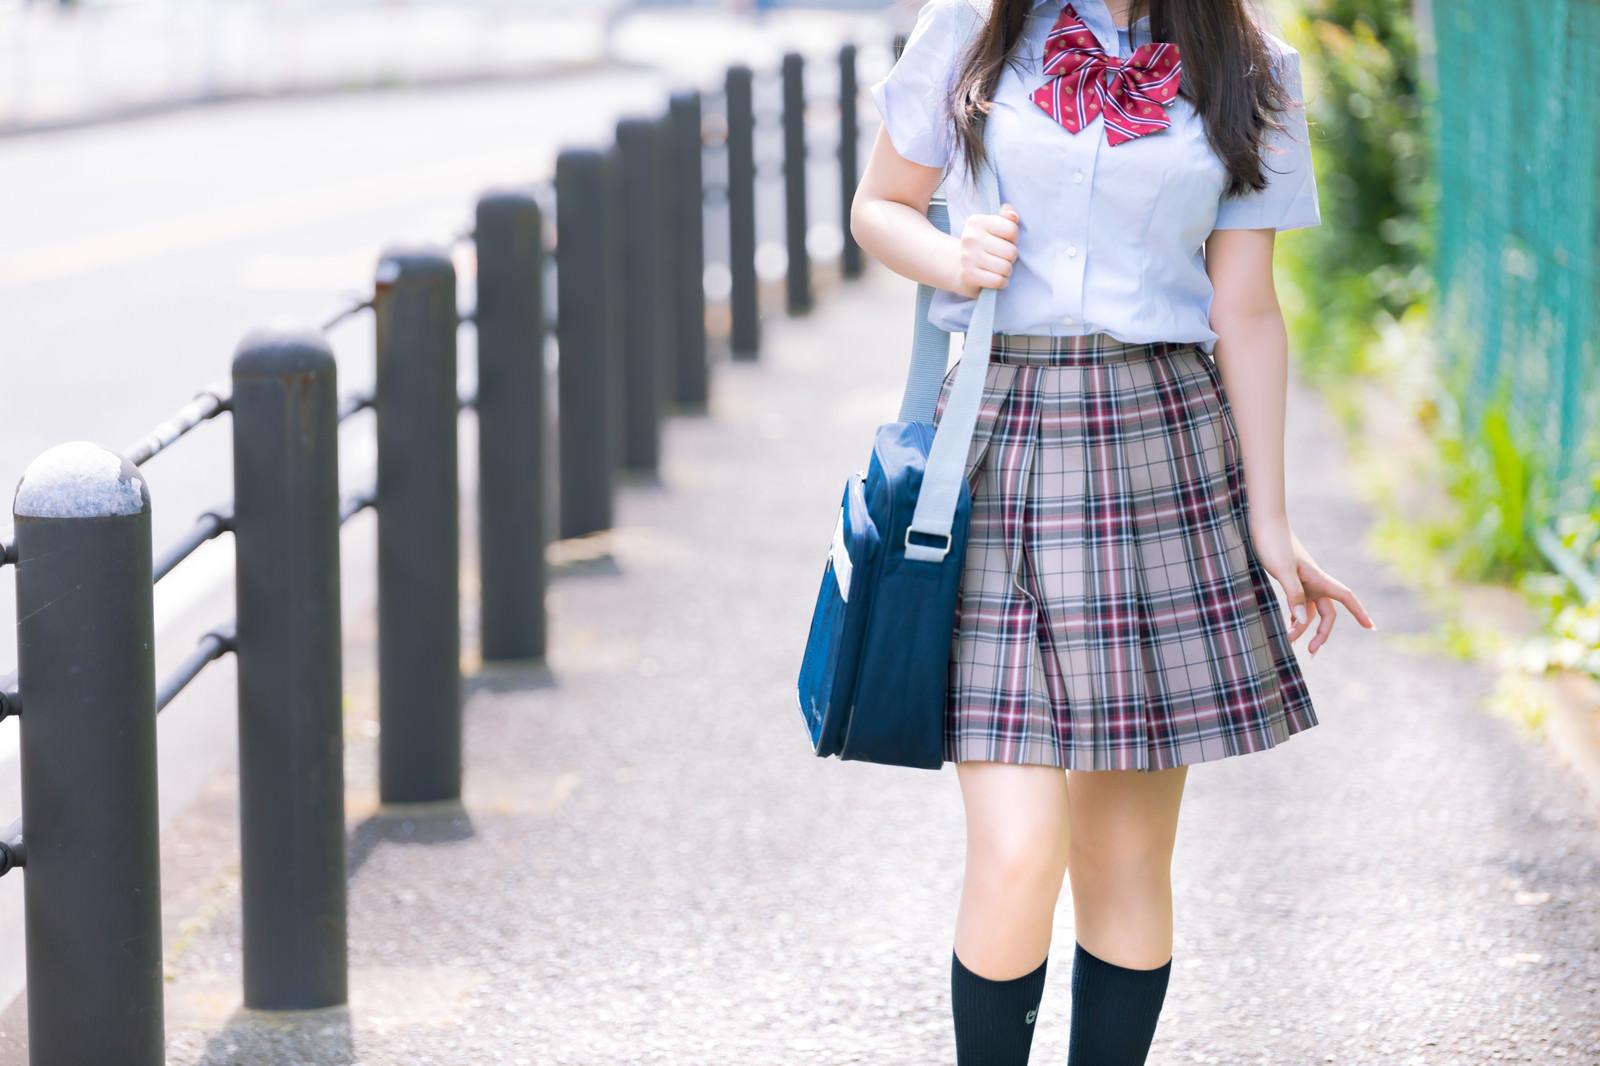 通学中の女子高校生|無料の写真素材はフリー素材のぱくたそ